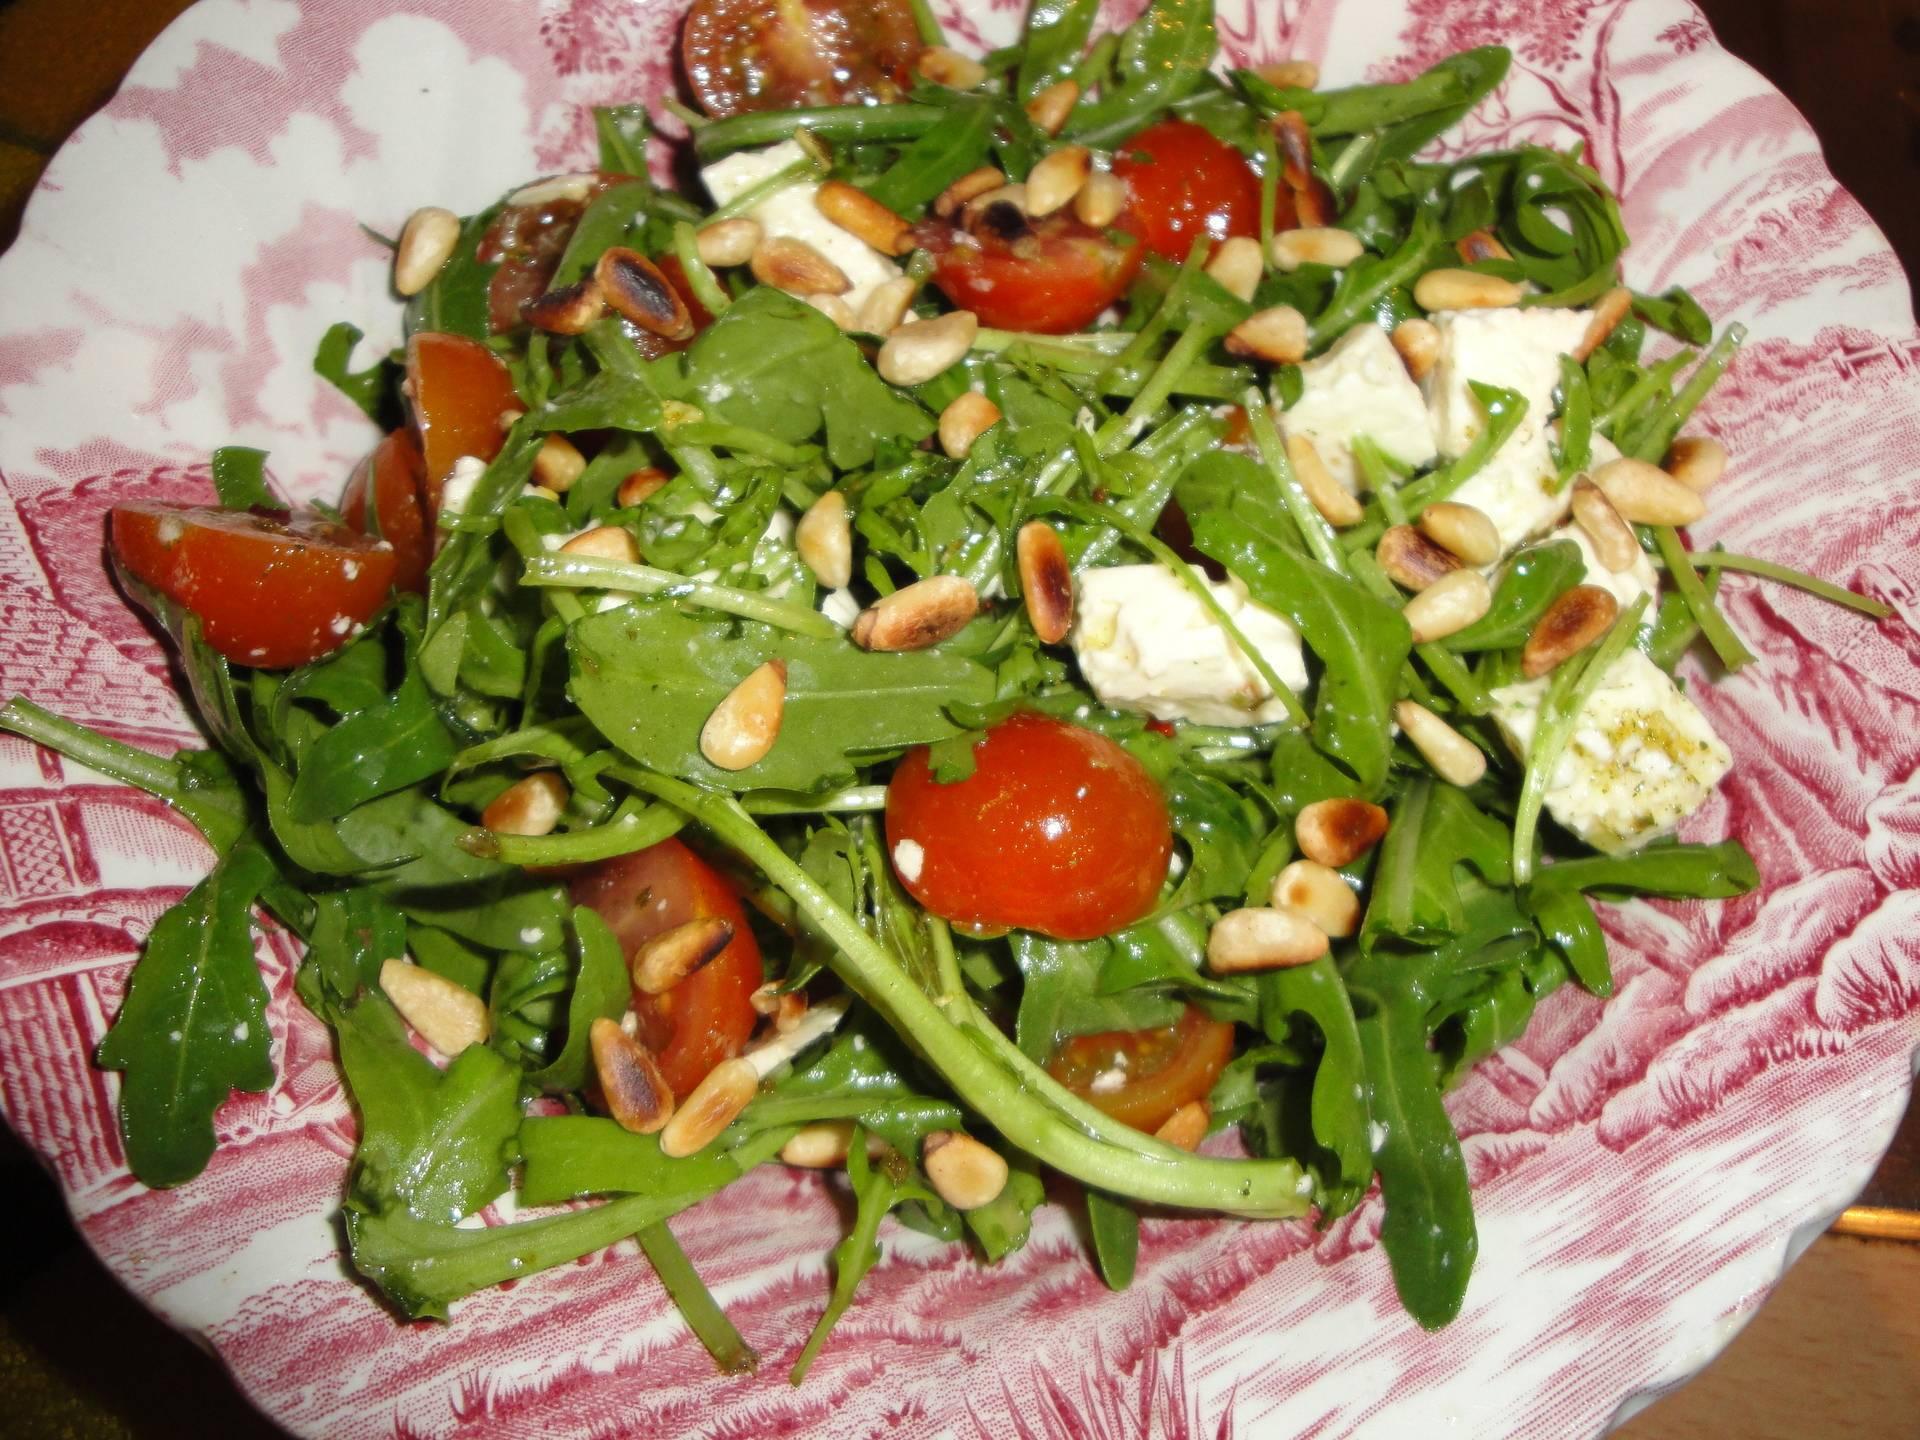 Салат с кедровыми орешками, курицей и грибами - 8 пошаговых фото в рецепте